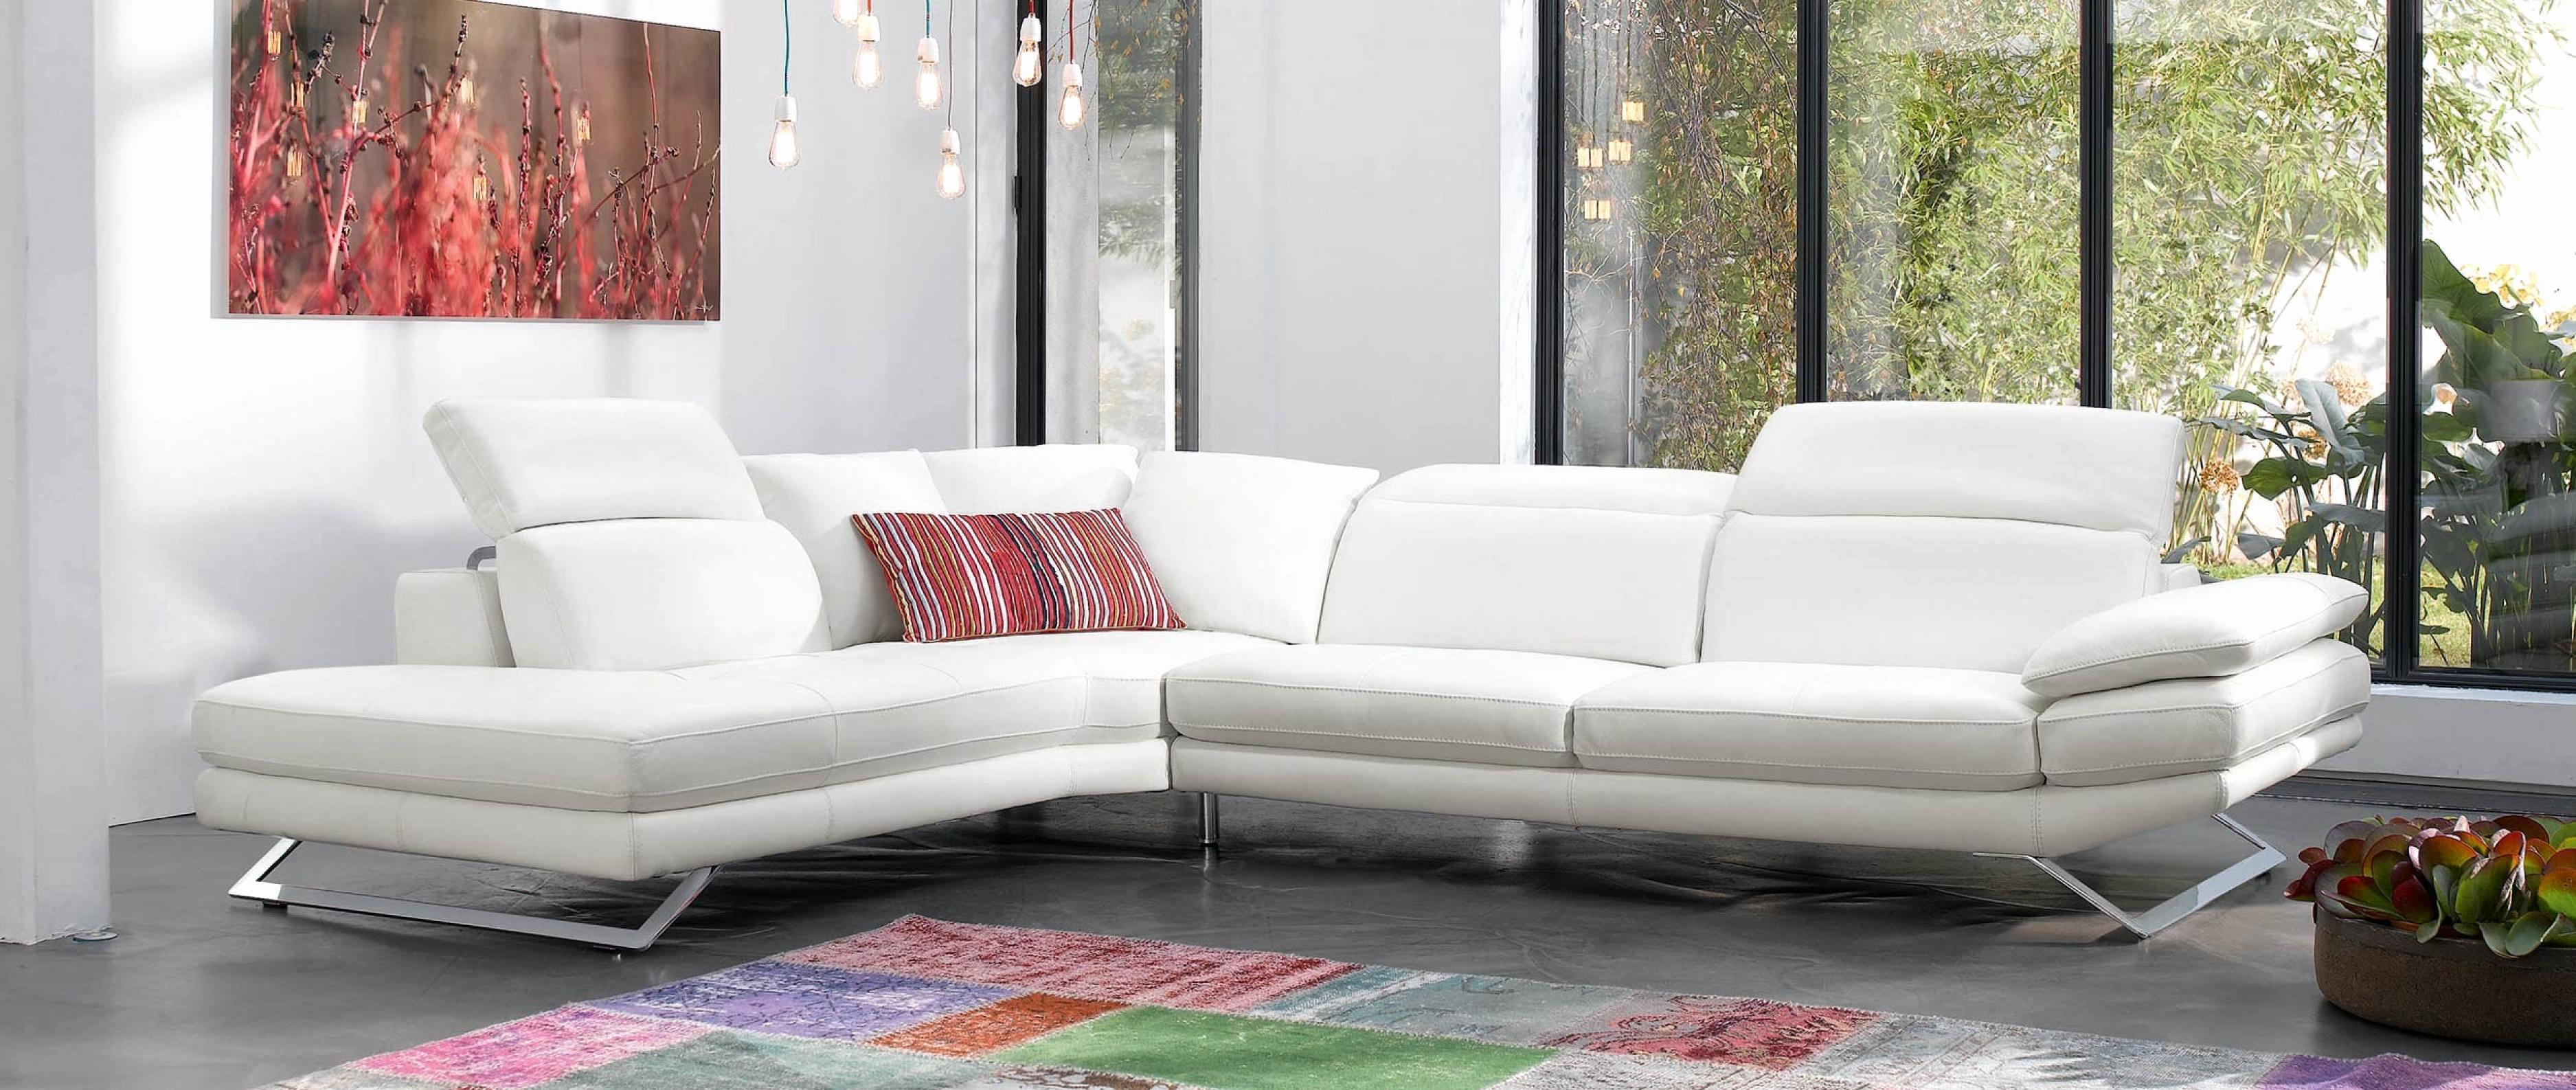 Cuir Center soldes 2017 Impressionnant Stock 37 Beau Stock De Canapé Cuir Relax Electrique 3 Places Cuir Center